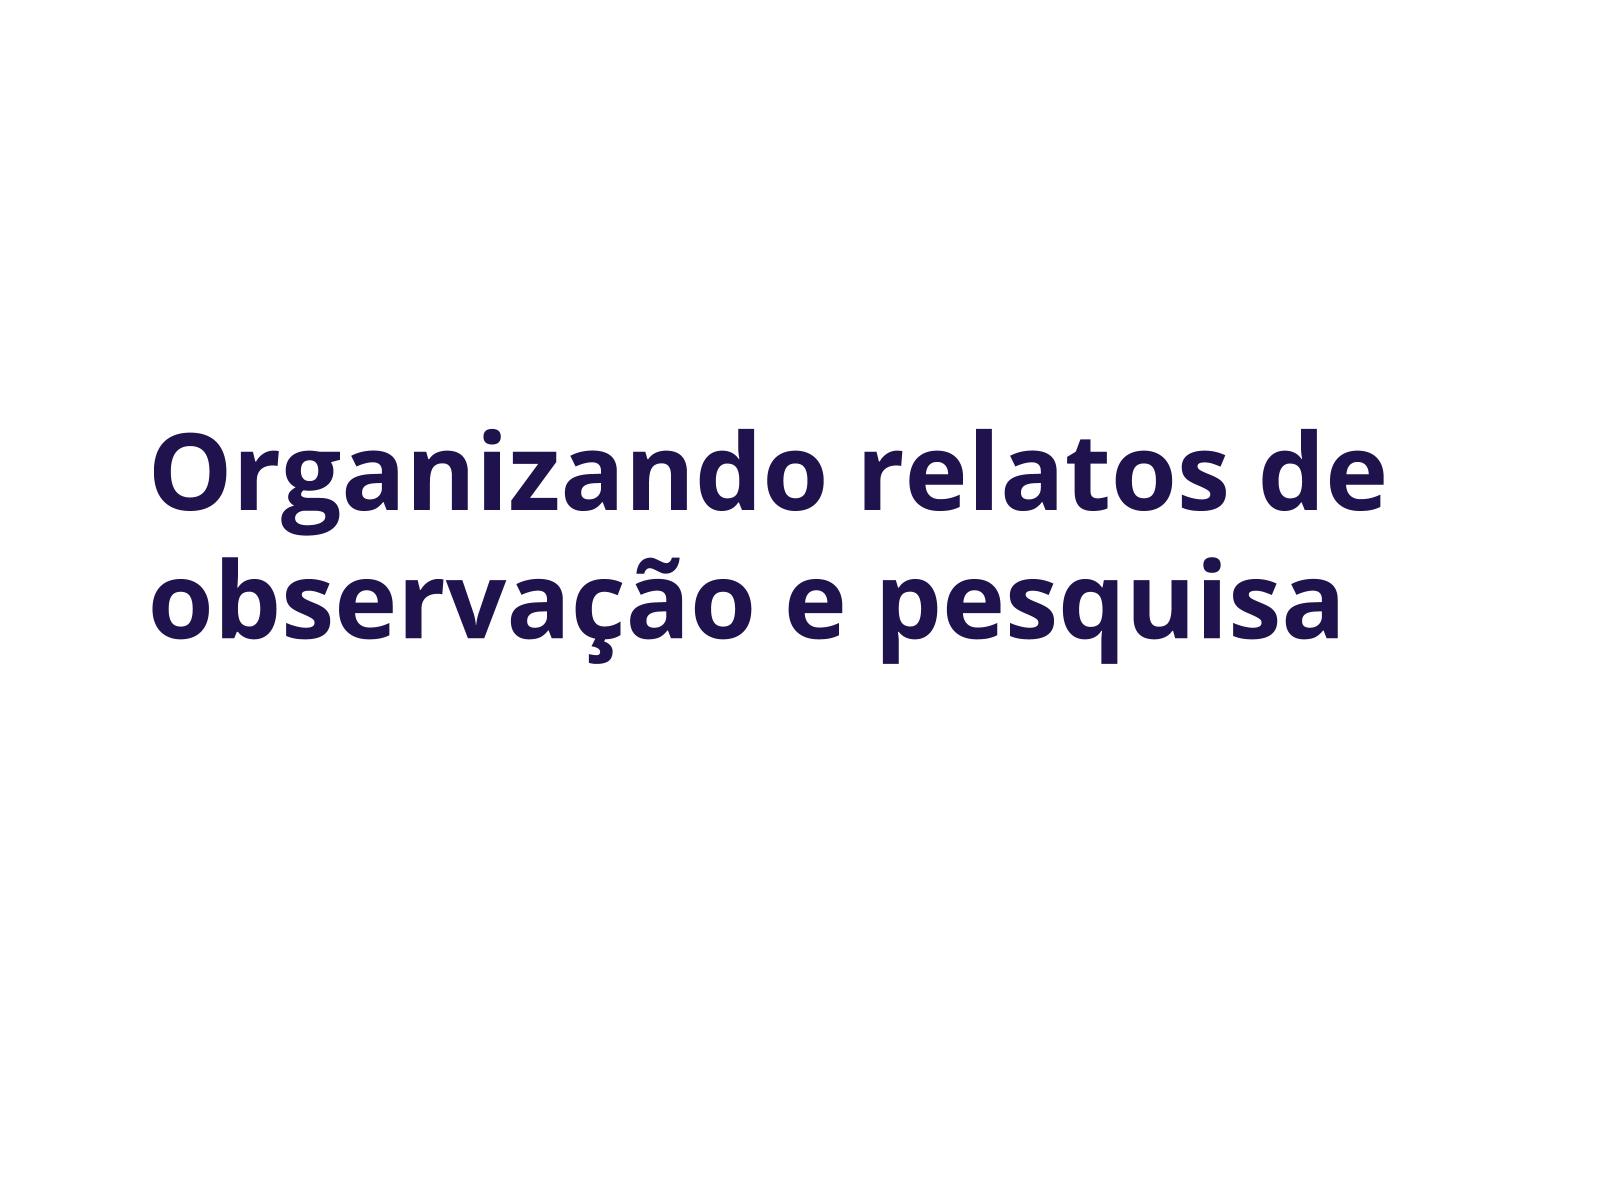 Organizando relatos de observação e pesquisa